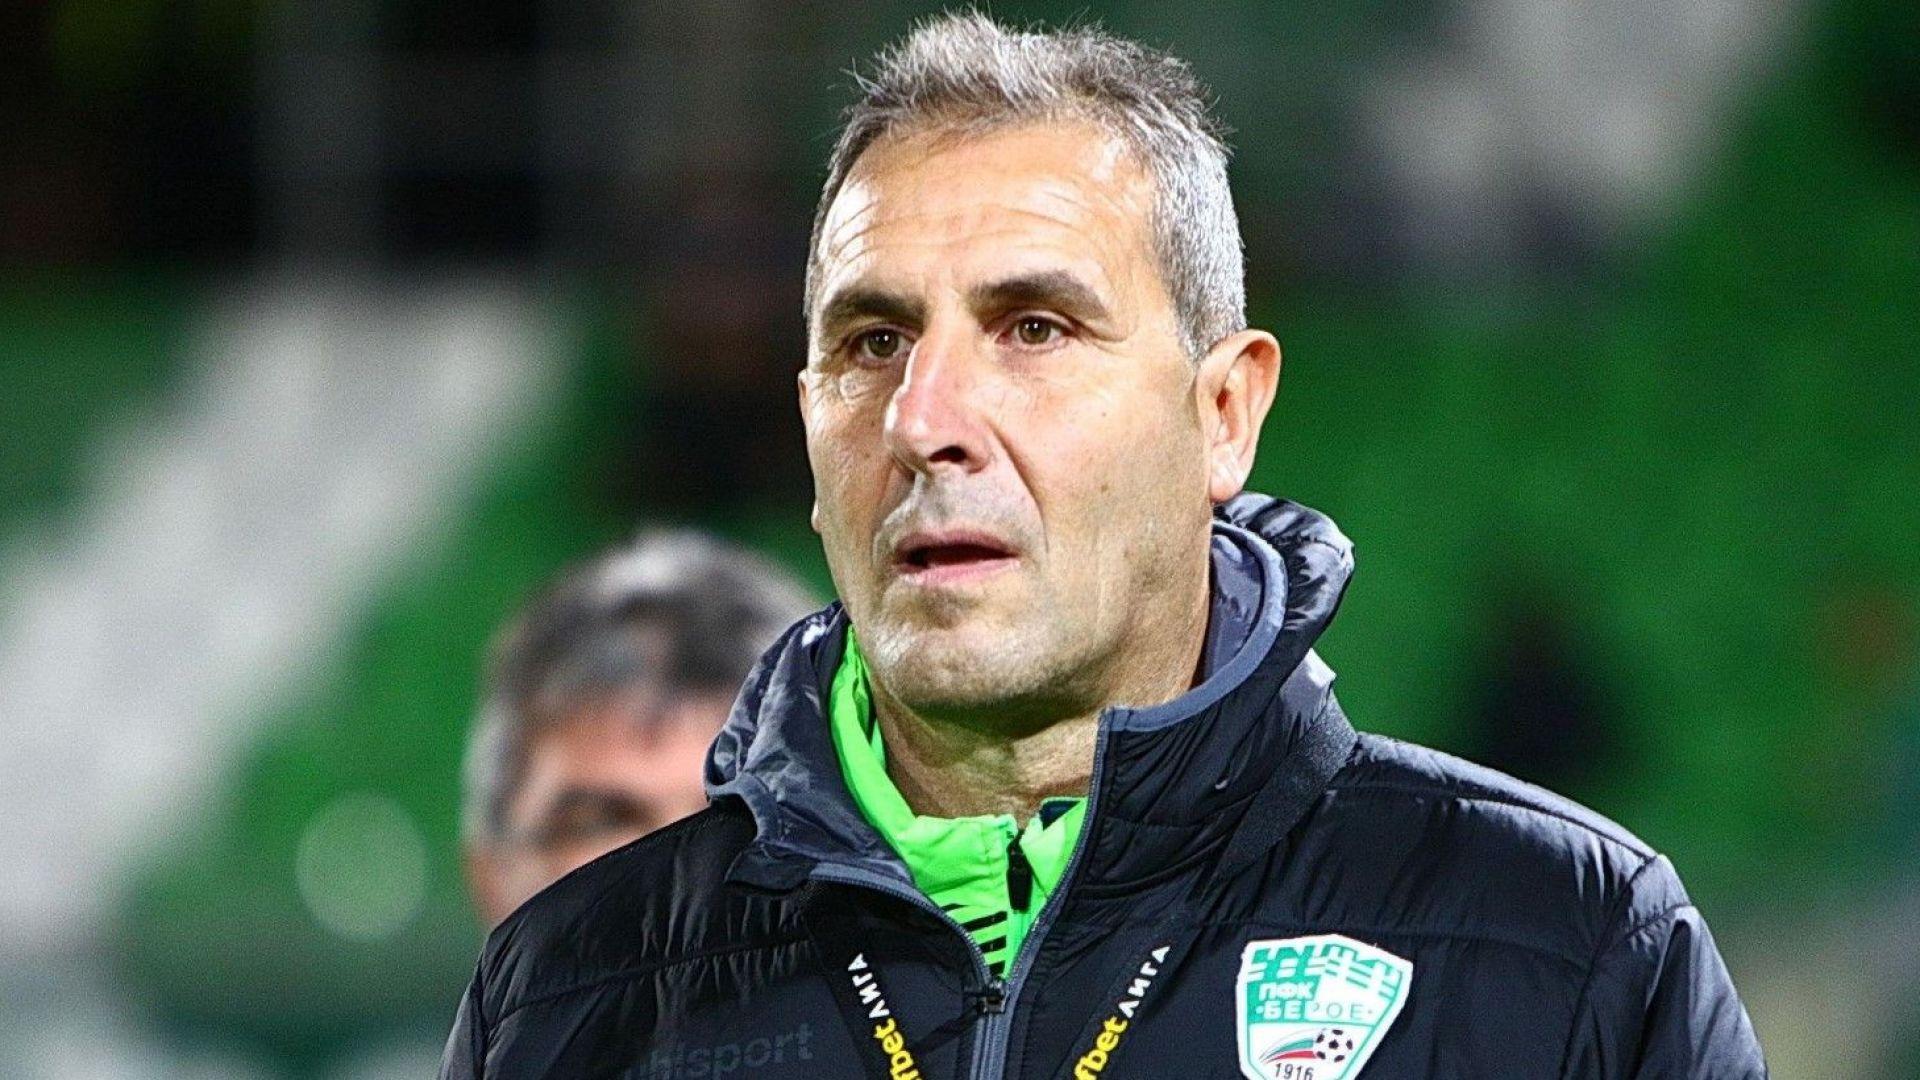 Херо подаде оставка след загубата от Левски